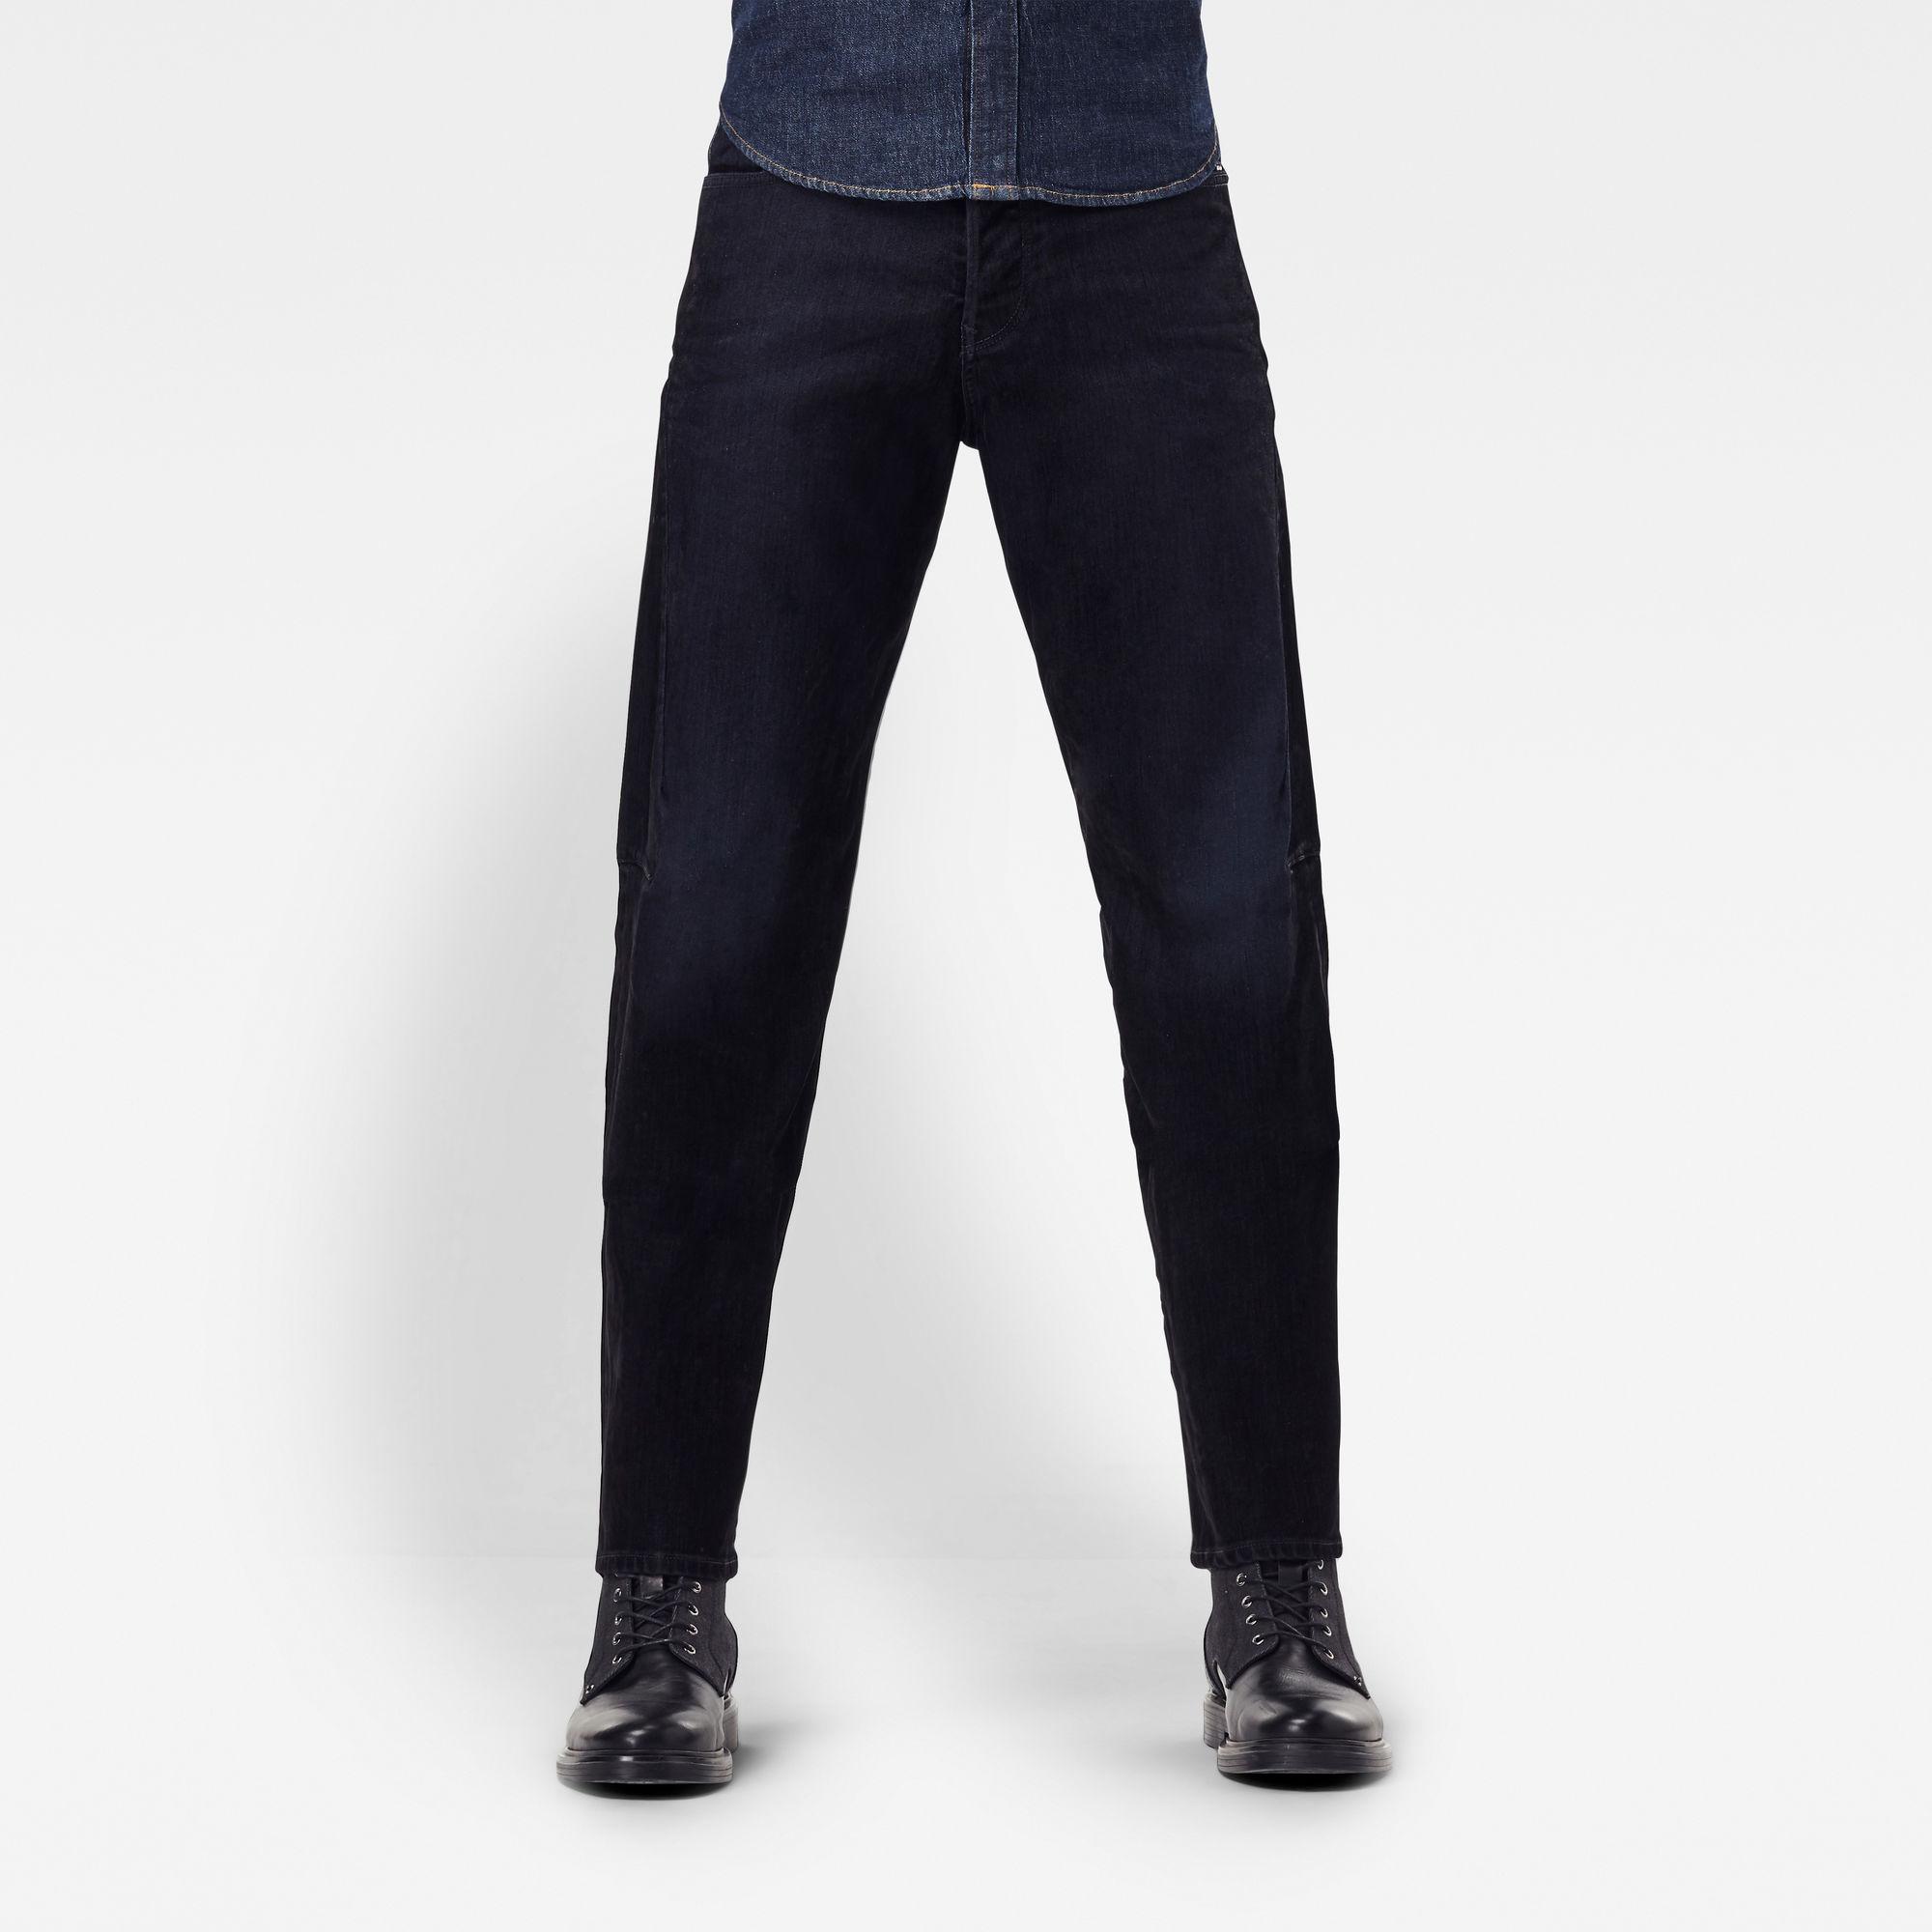 G-Star RAW Heren Scutar 3D Tapered Jeans Zwart